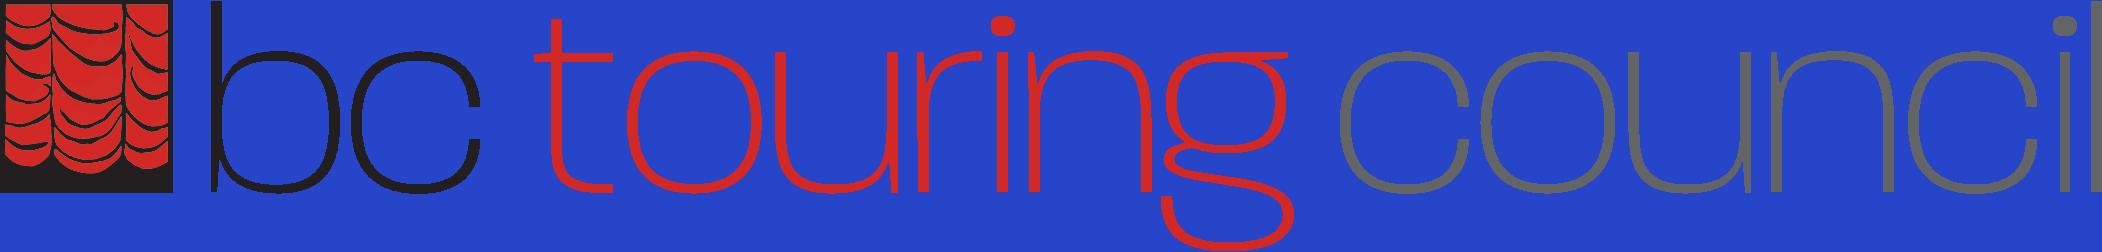 BC Touring Council Logo